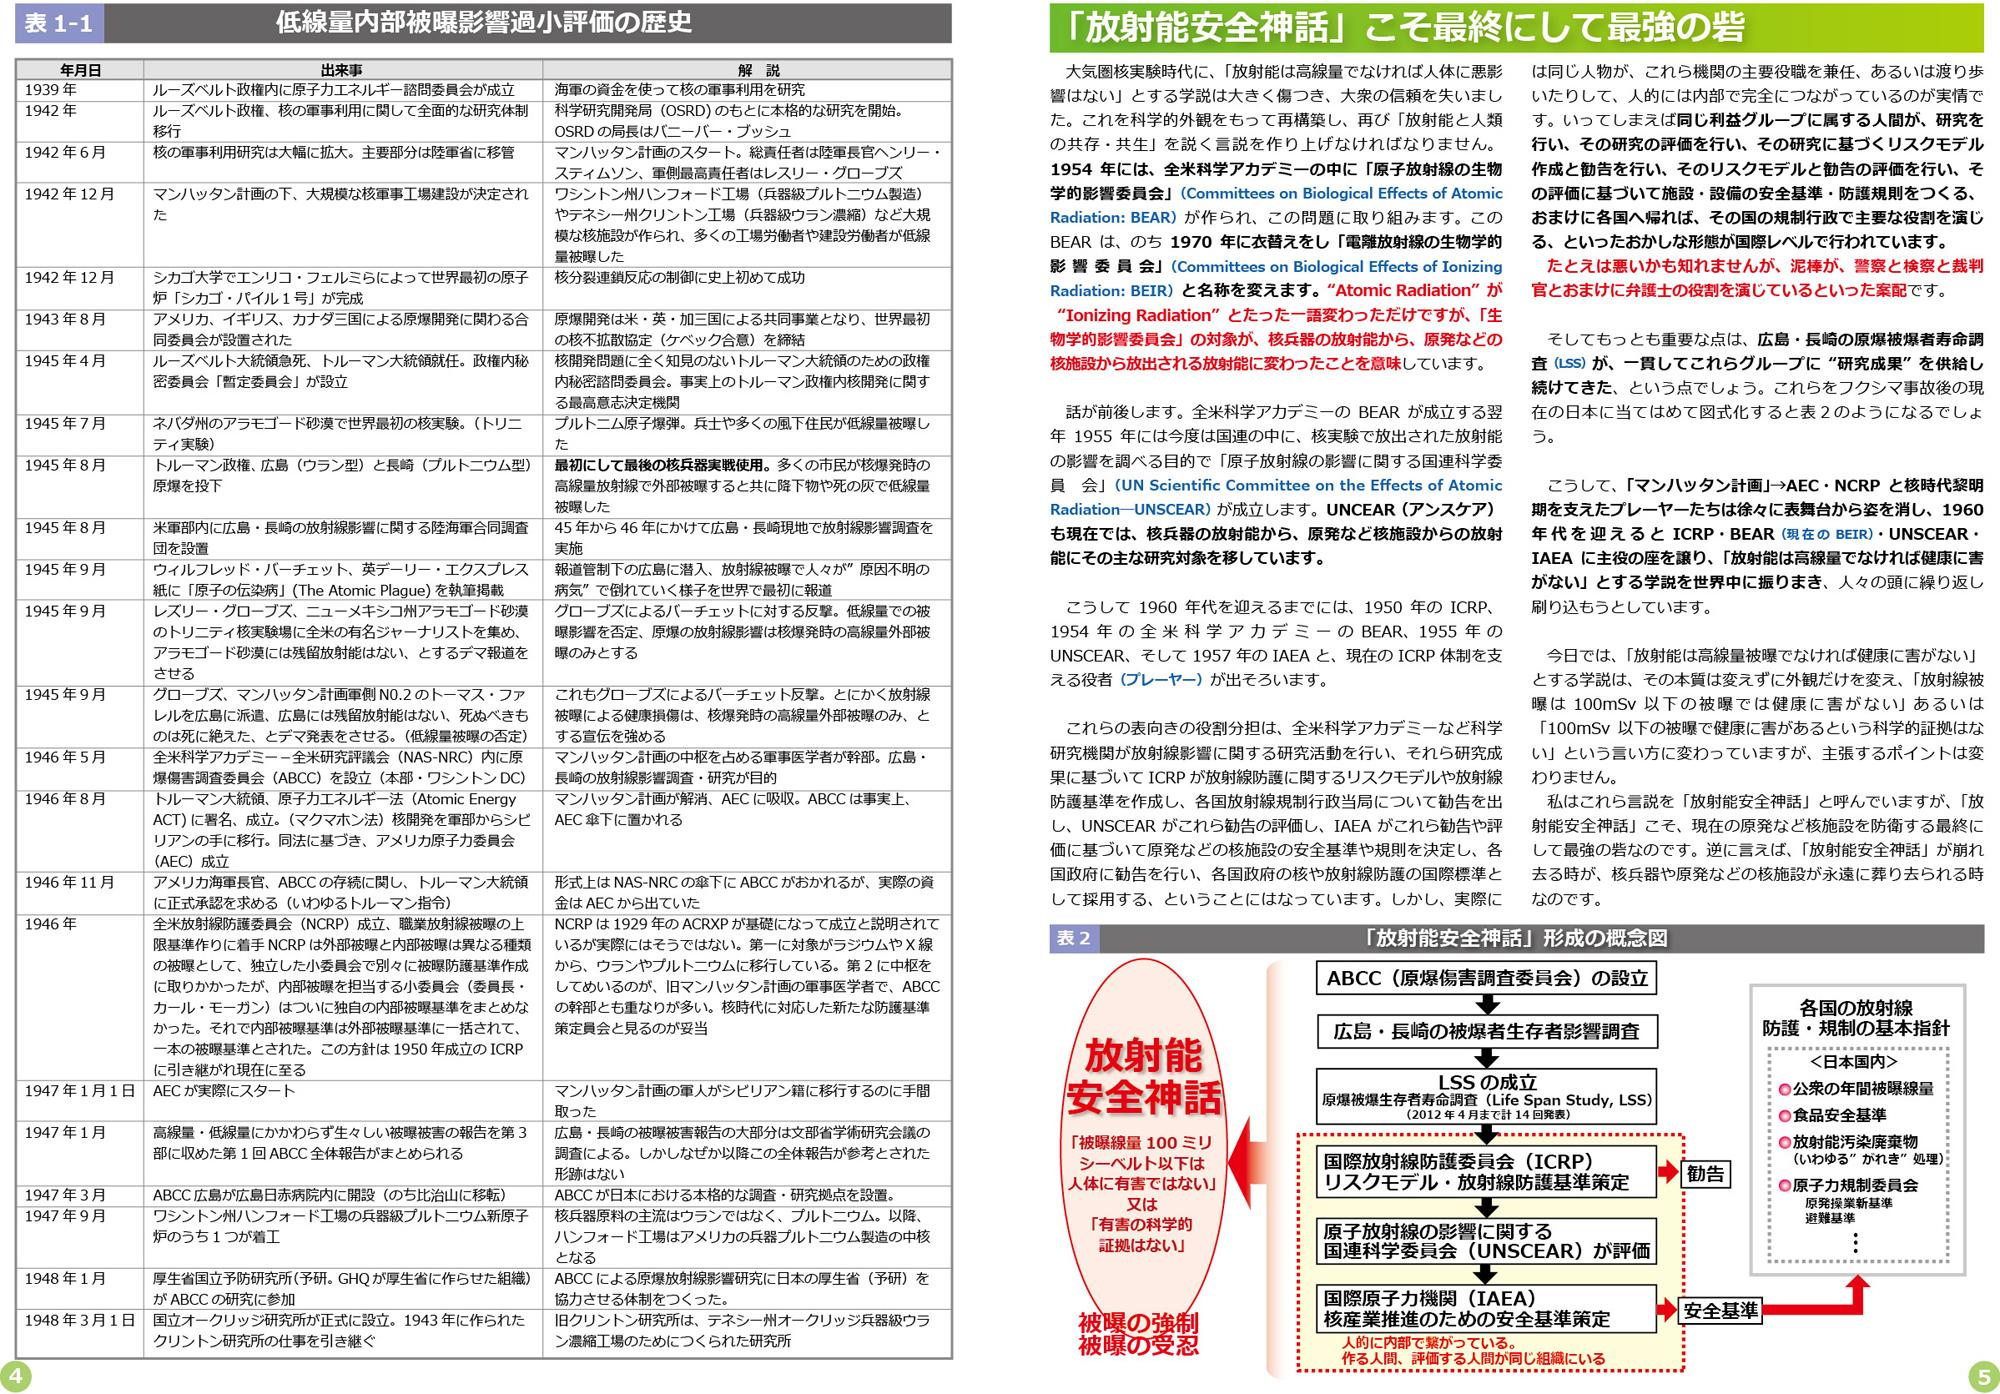 ファイル 420-3.jpg